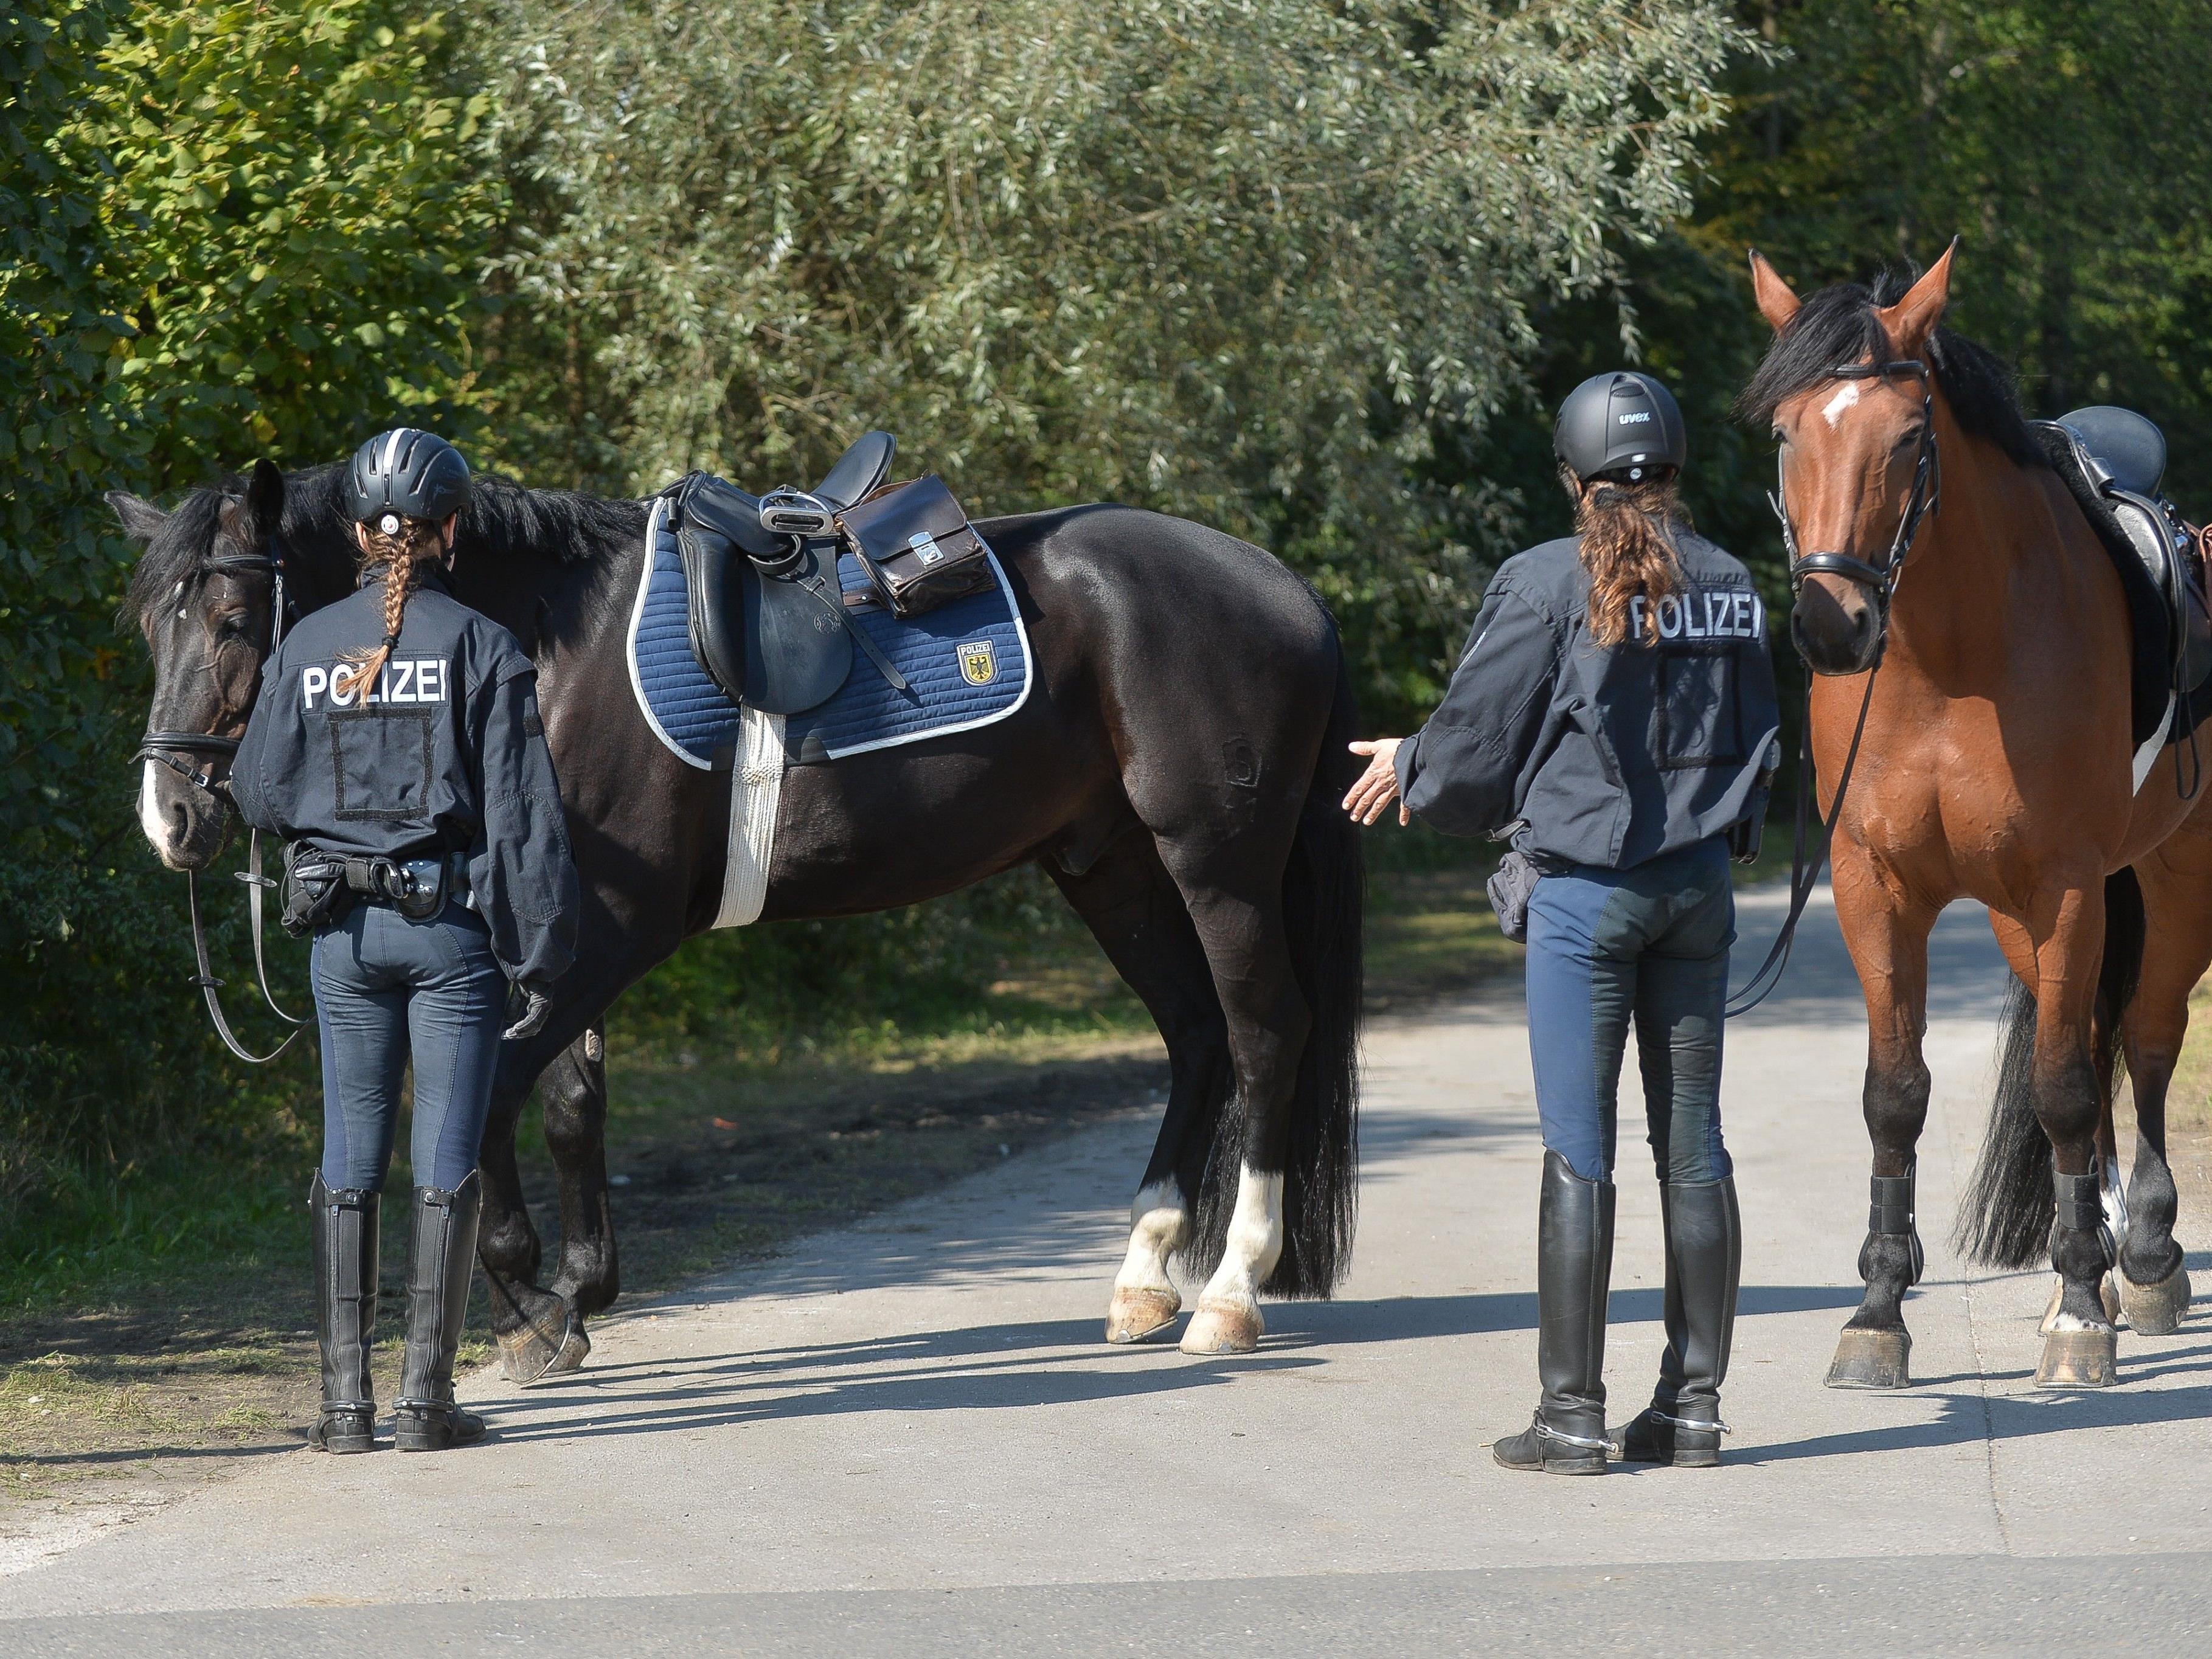 Die FPÖ möchte in Wien eine Polizeireiterstaffel wie in Bayern einführen.